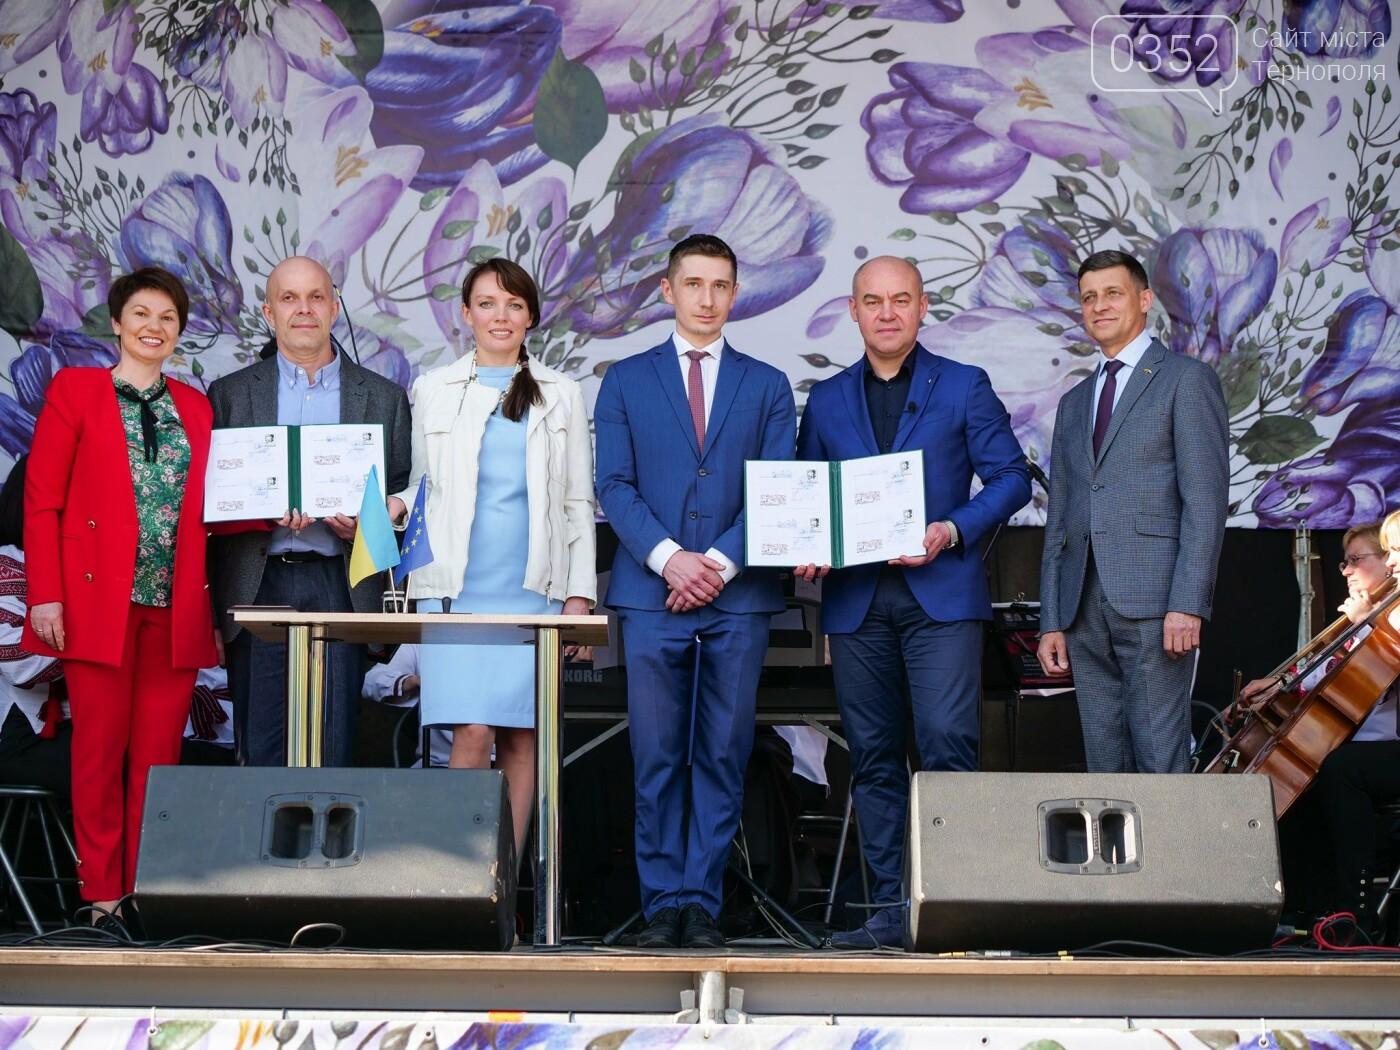 У Тернополі на Театральному майдані провели мистецьке свято «Україна - Європа»  (ФОТО), фото-3